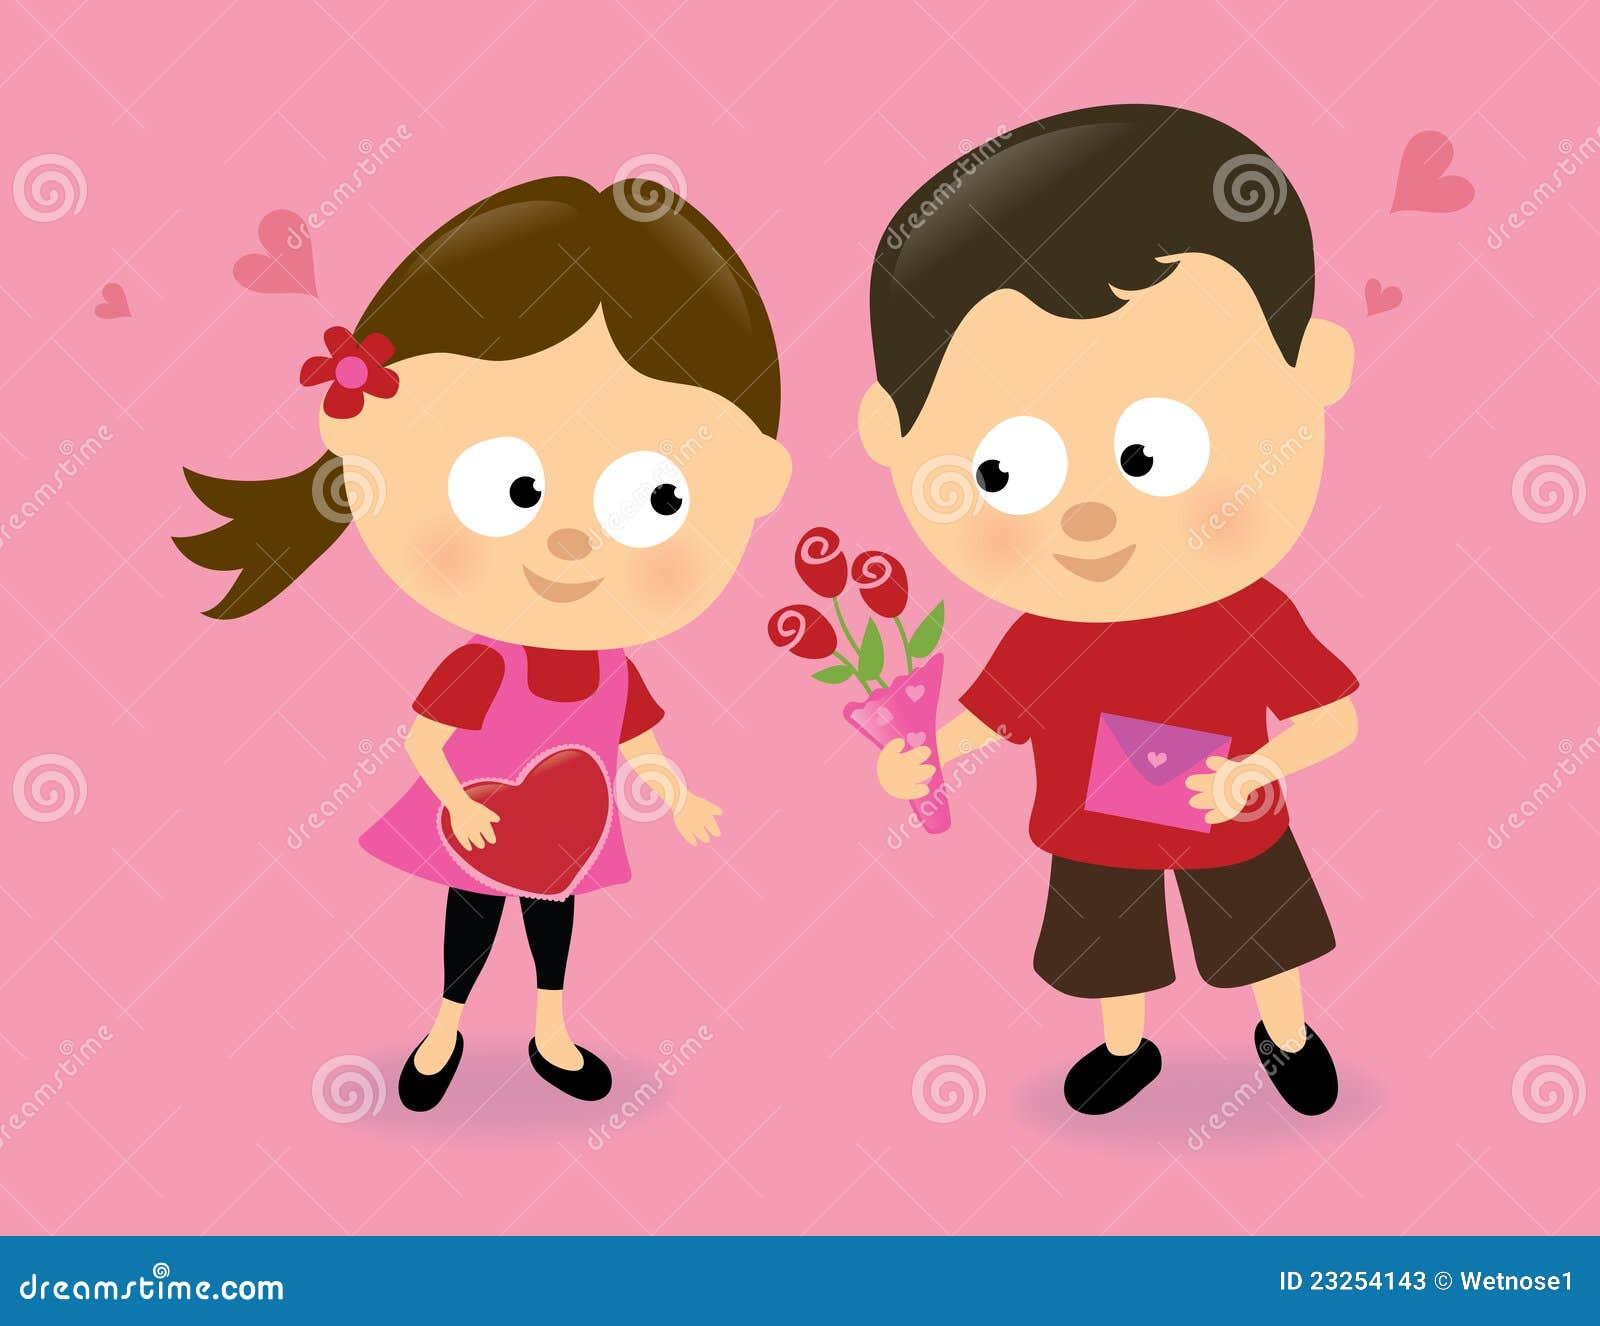 valentine kids - Valentine Kids